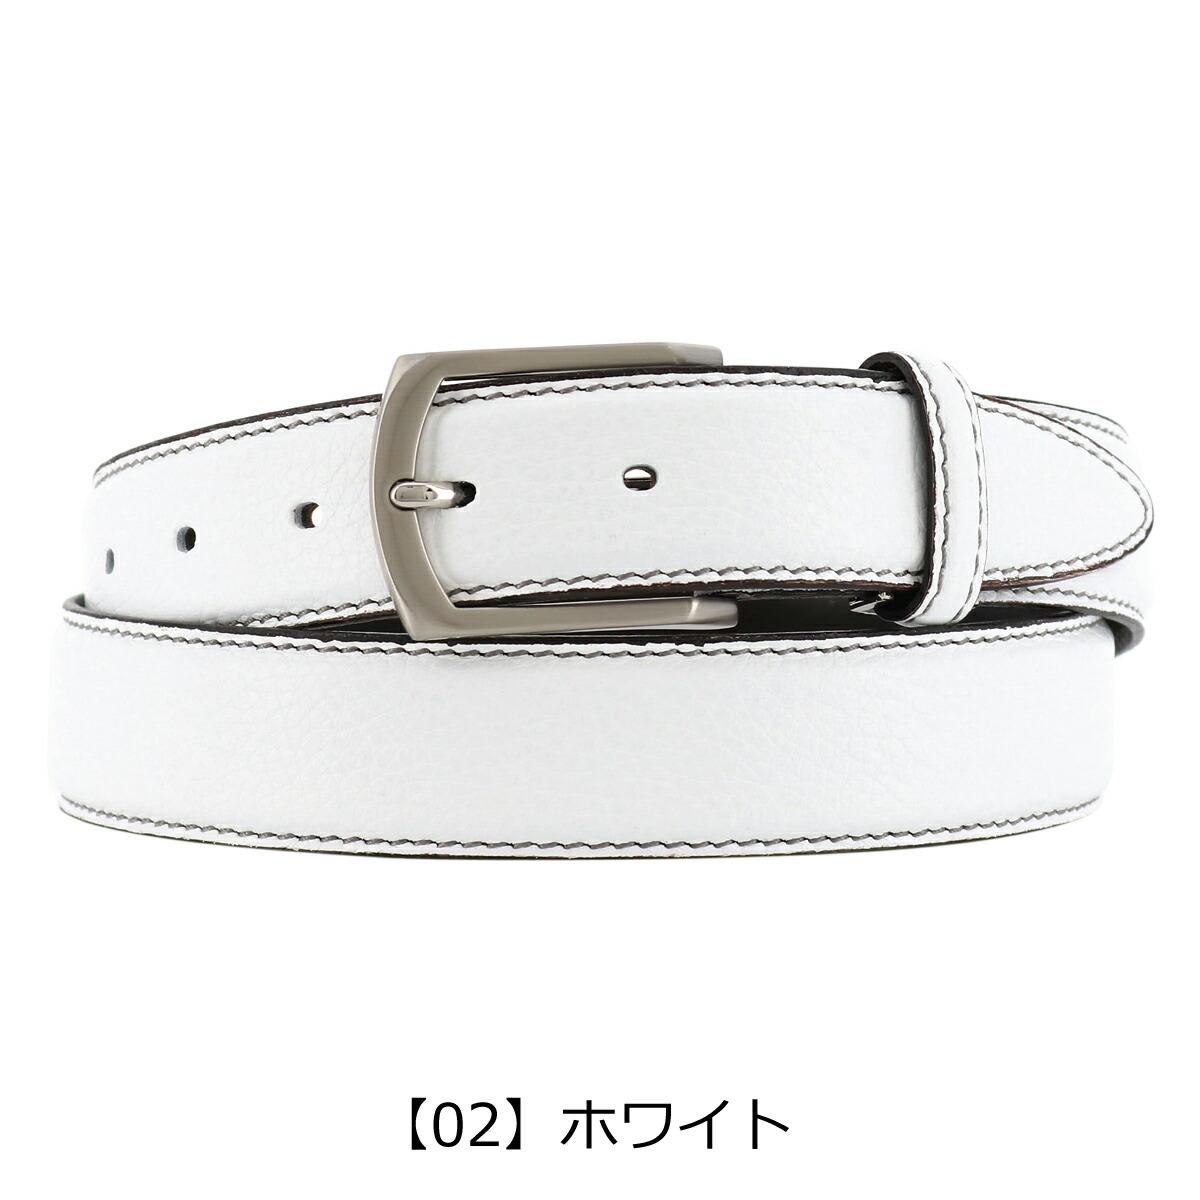 【02】ホワイト